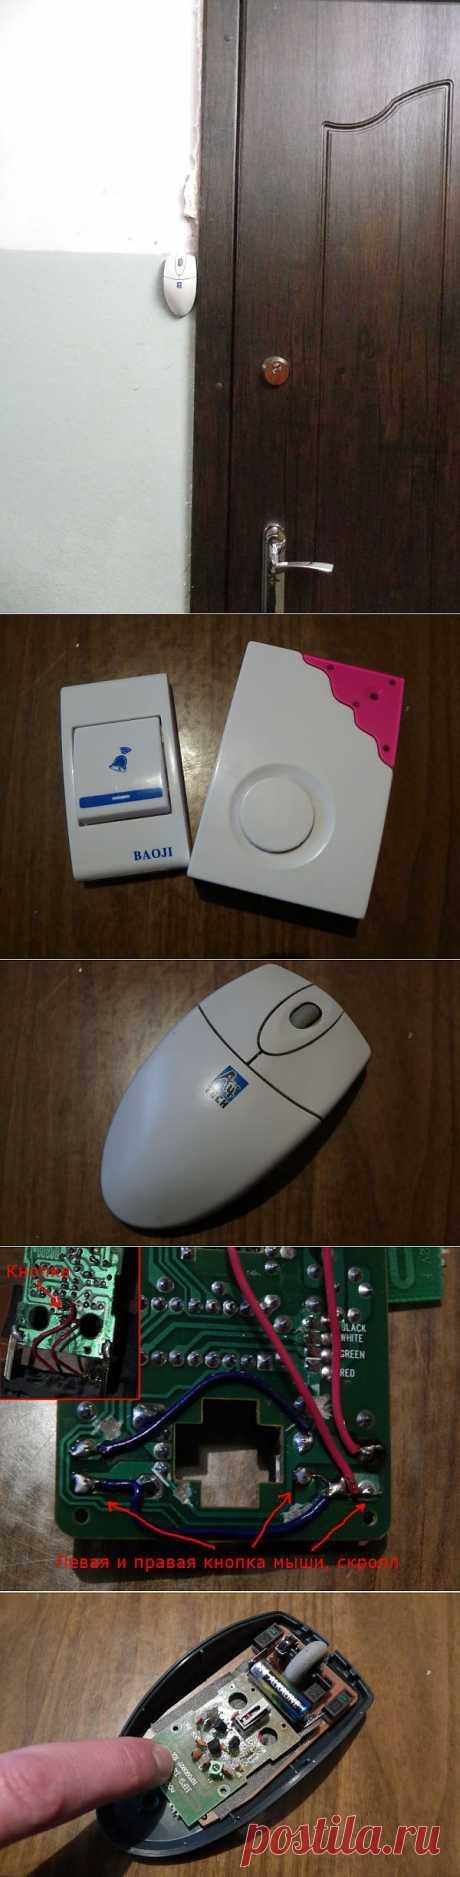 Как сделать дверной звонок из мышки